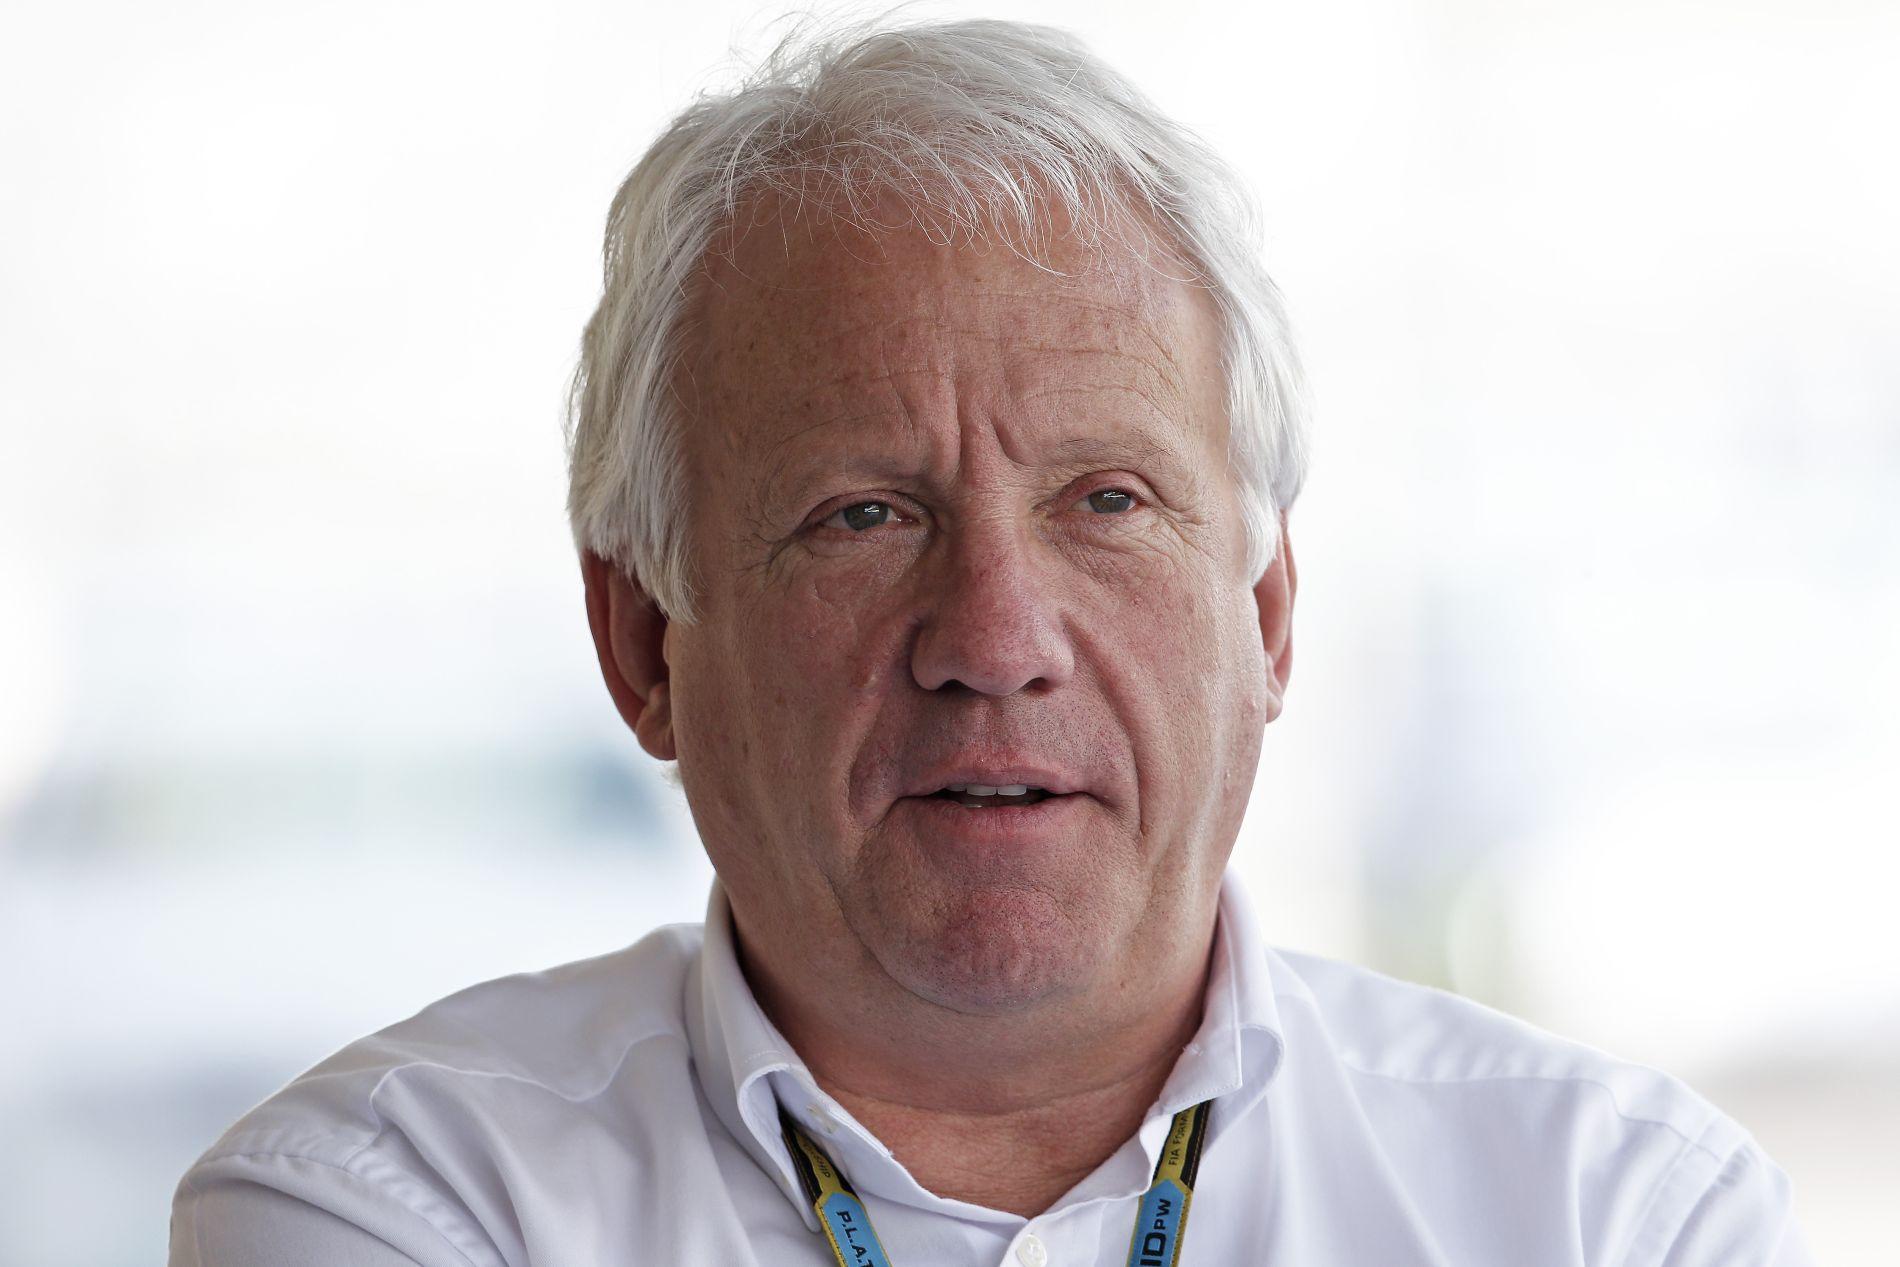 Az FIA továbbra sem hisz a zárt cockpit életképességében, egyeztetnek az IndyCarral a történtekről